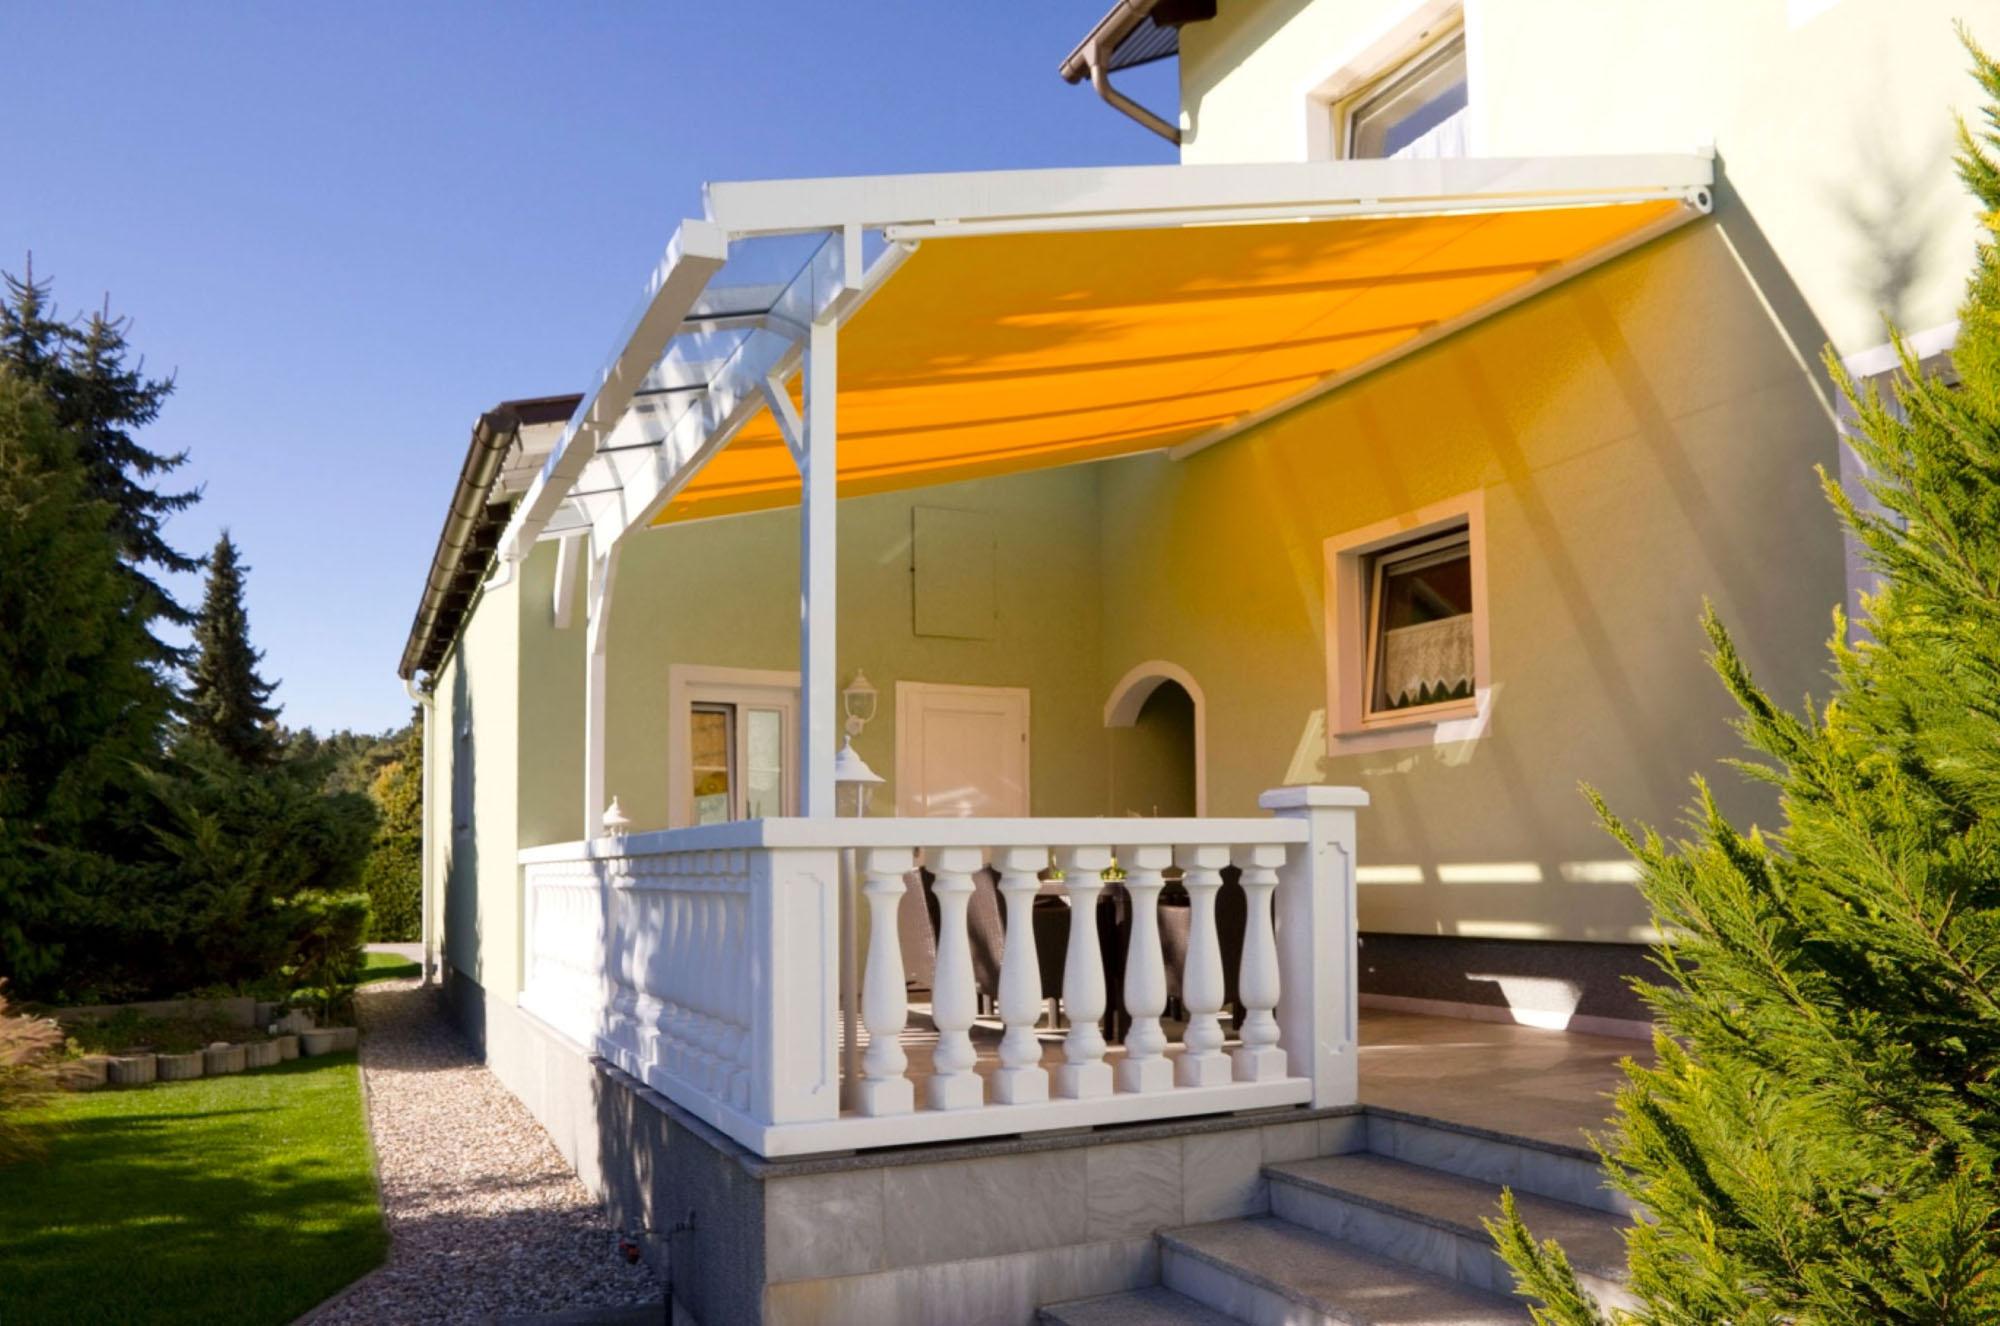 Terrassendach - Classic in gelb von Sunhouse Wintergärten